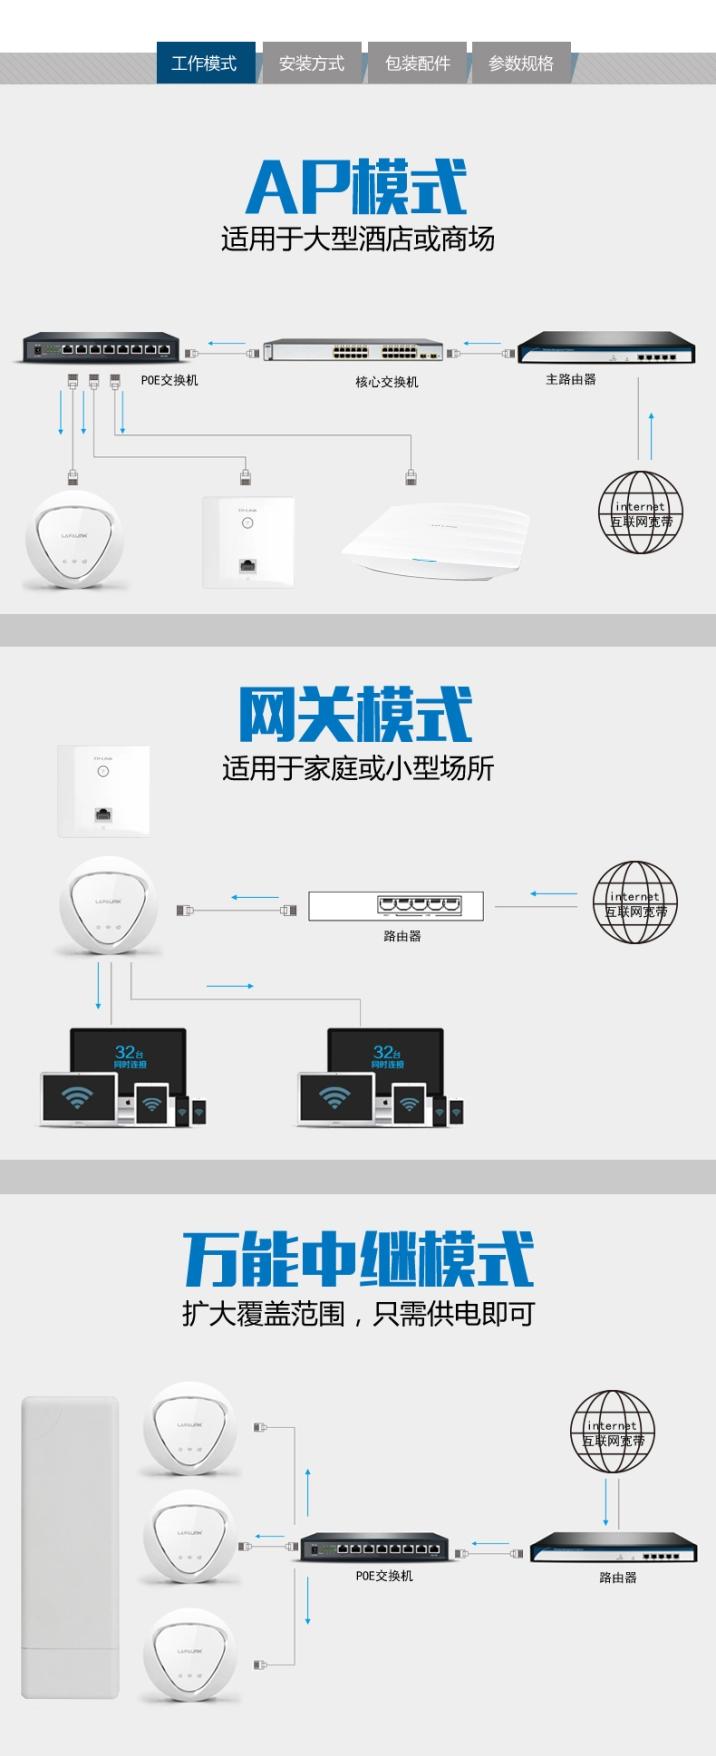 无线AC,无线AC连接图